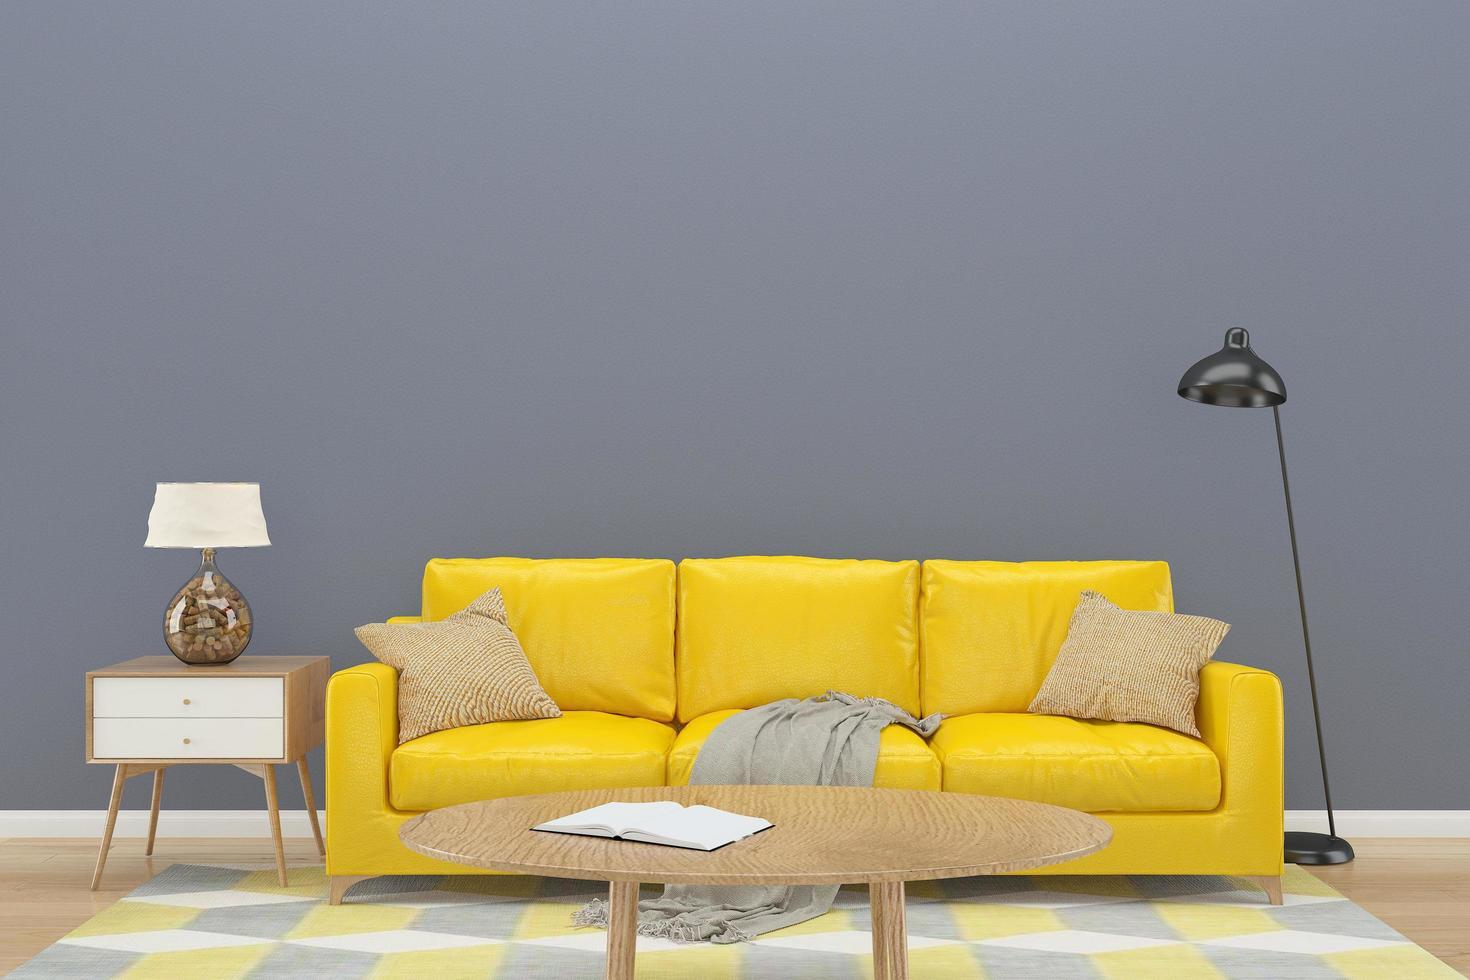 graue Wand mit gelbem Sofa auf Holzboden foto